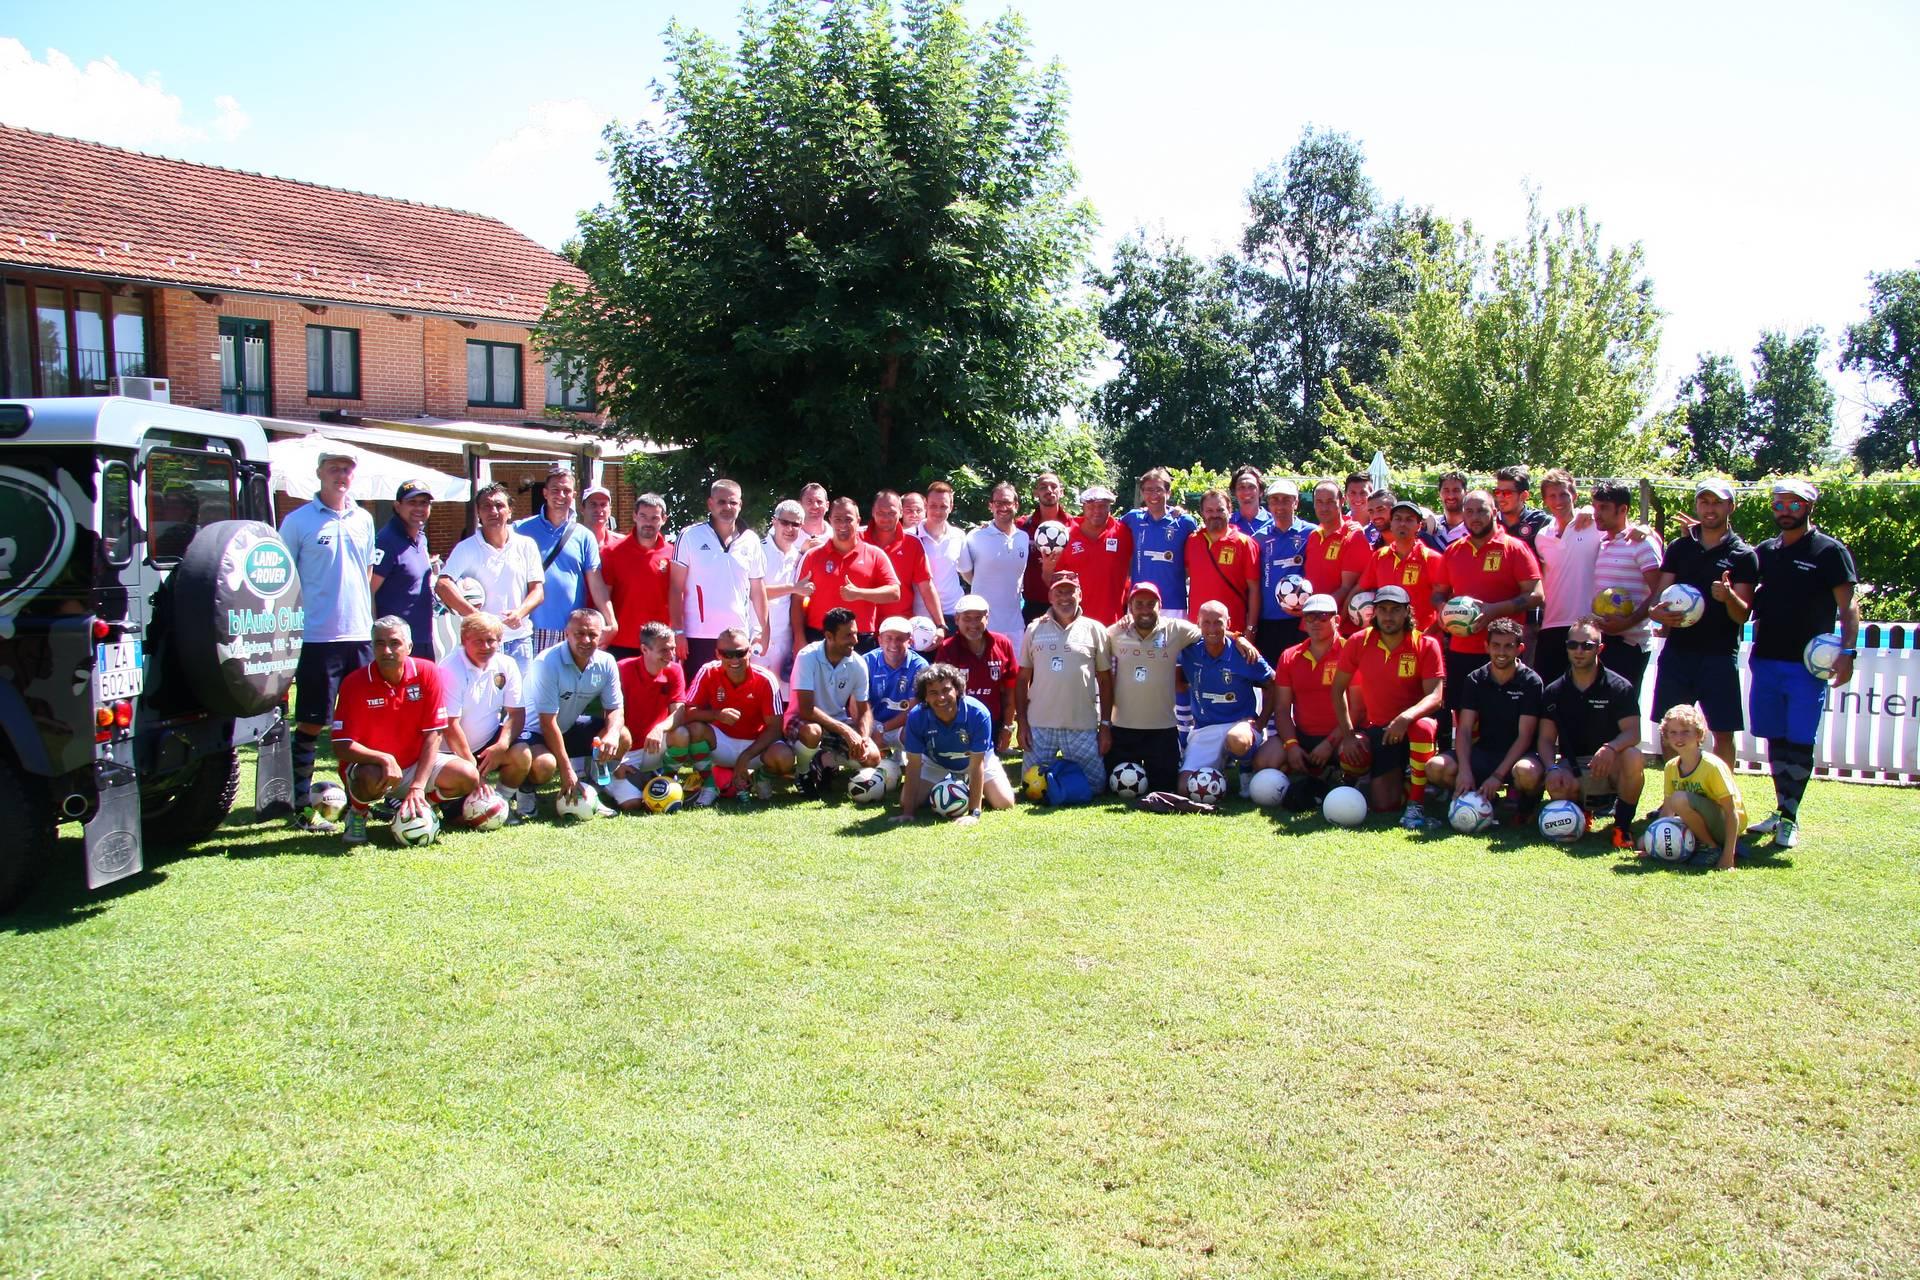 L'eleganza del Golf incontra la popolarità del Calcio